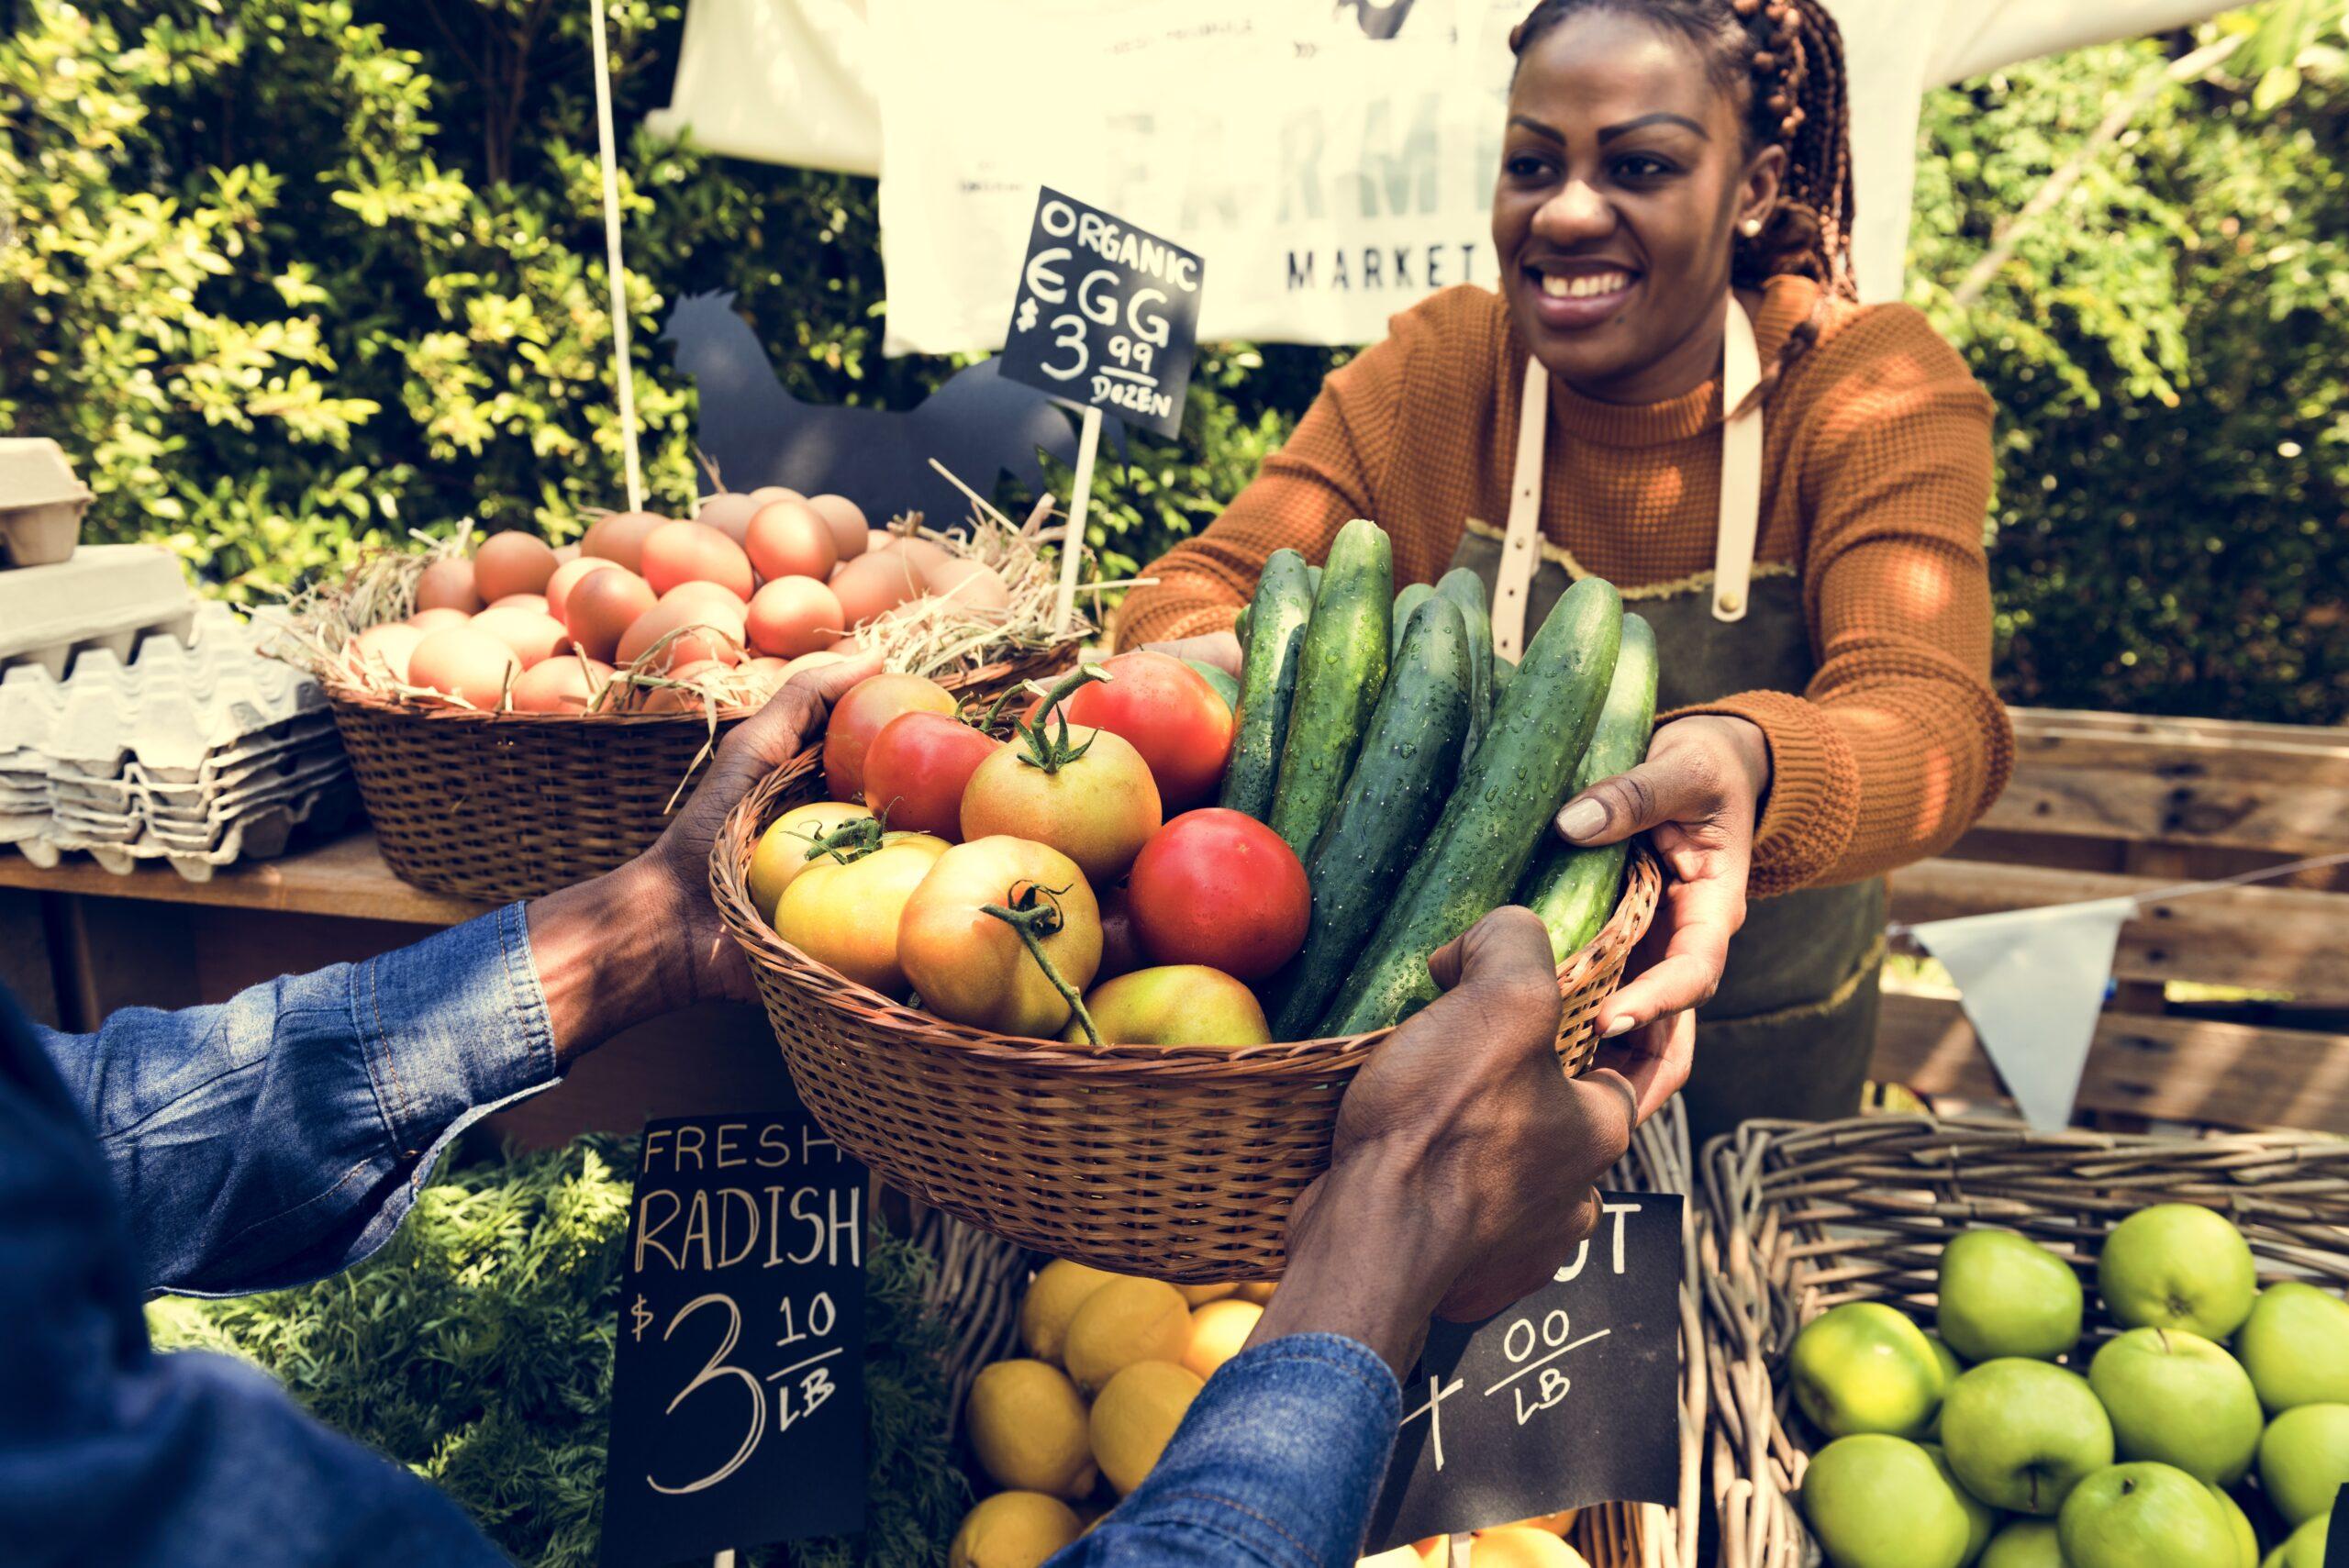 Farmers' Market seller vegetables